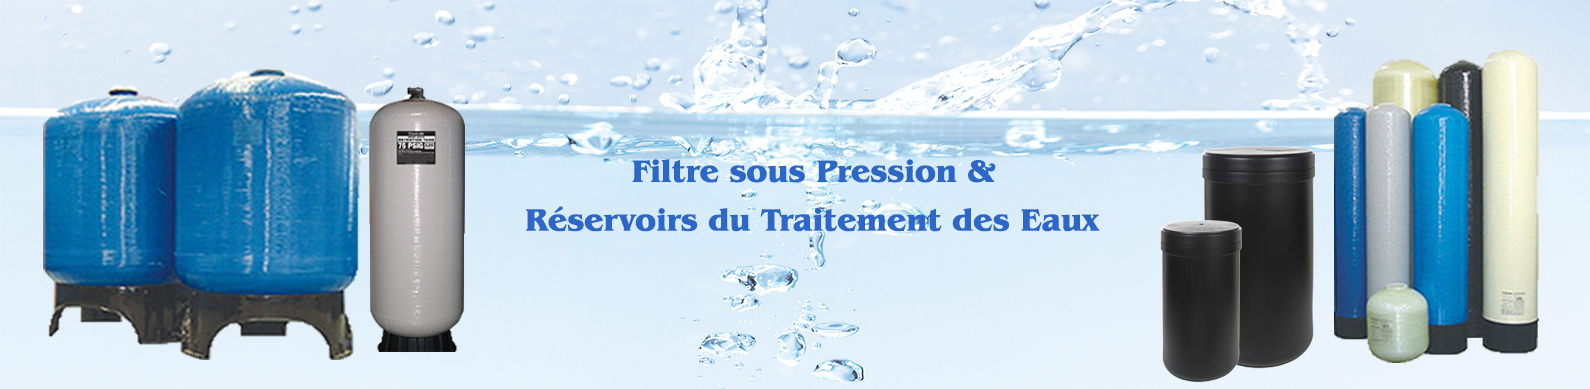 filtre-sous-pression-reservoirs-du-traitement-des-eaus.jpg